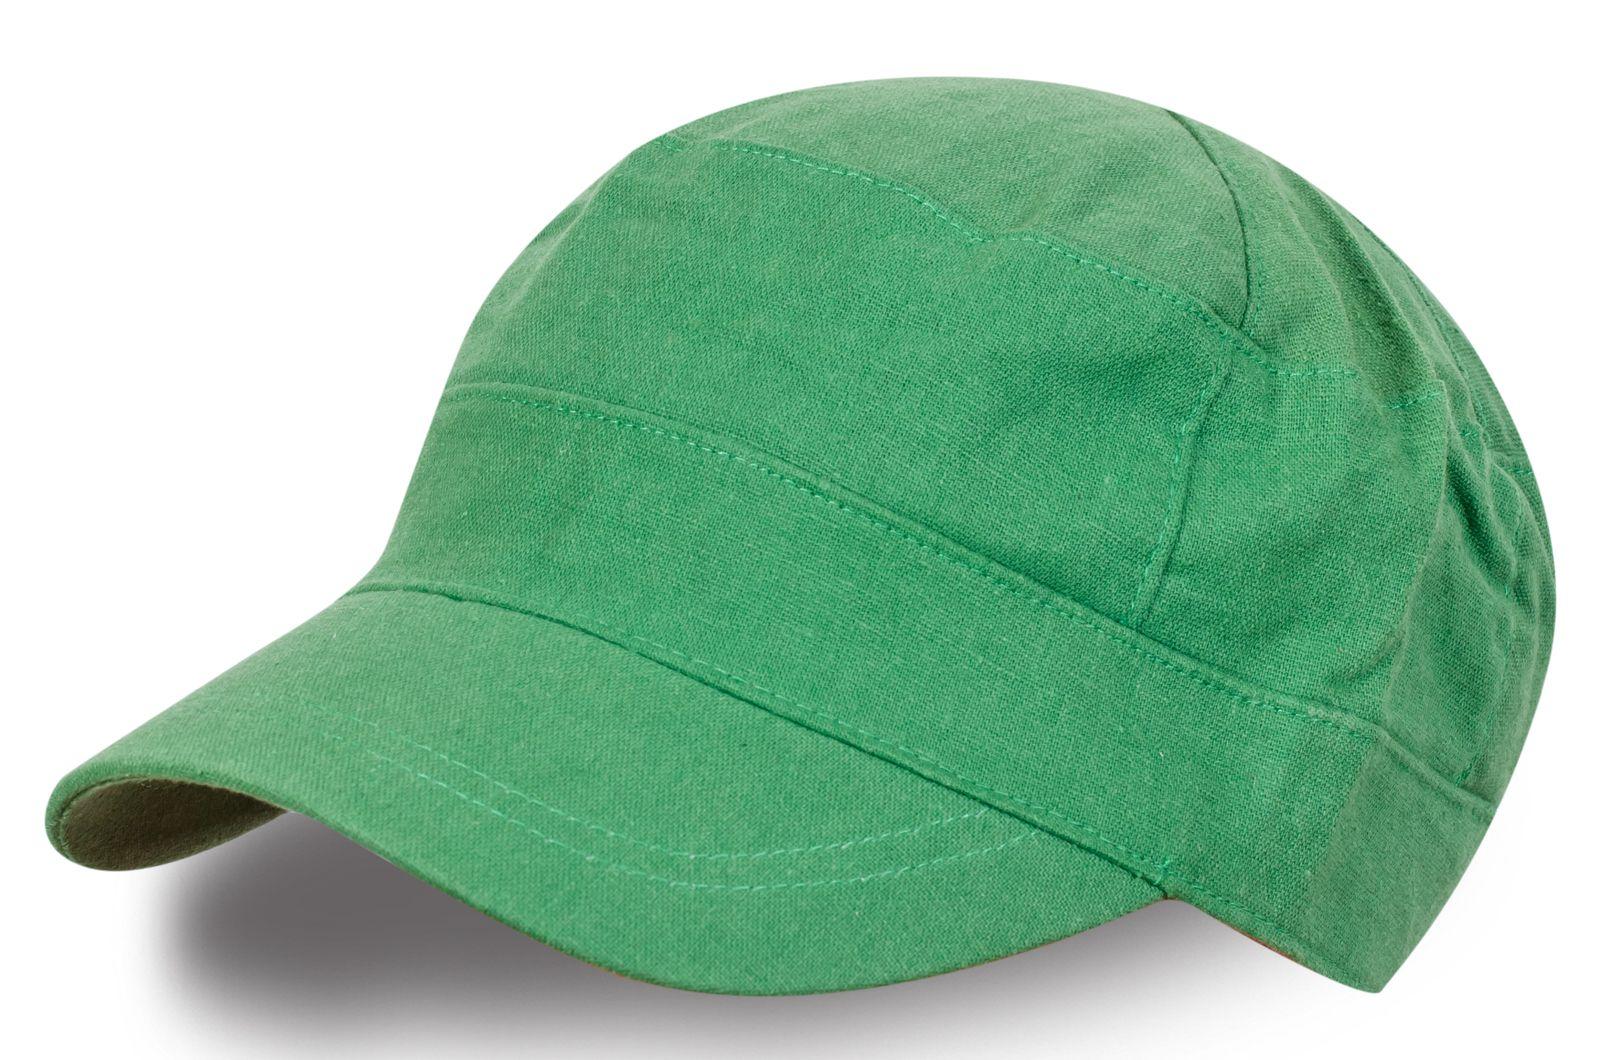 Кепка зелёного цвета | Купить модные кепки в интернет-магазине